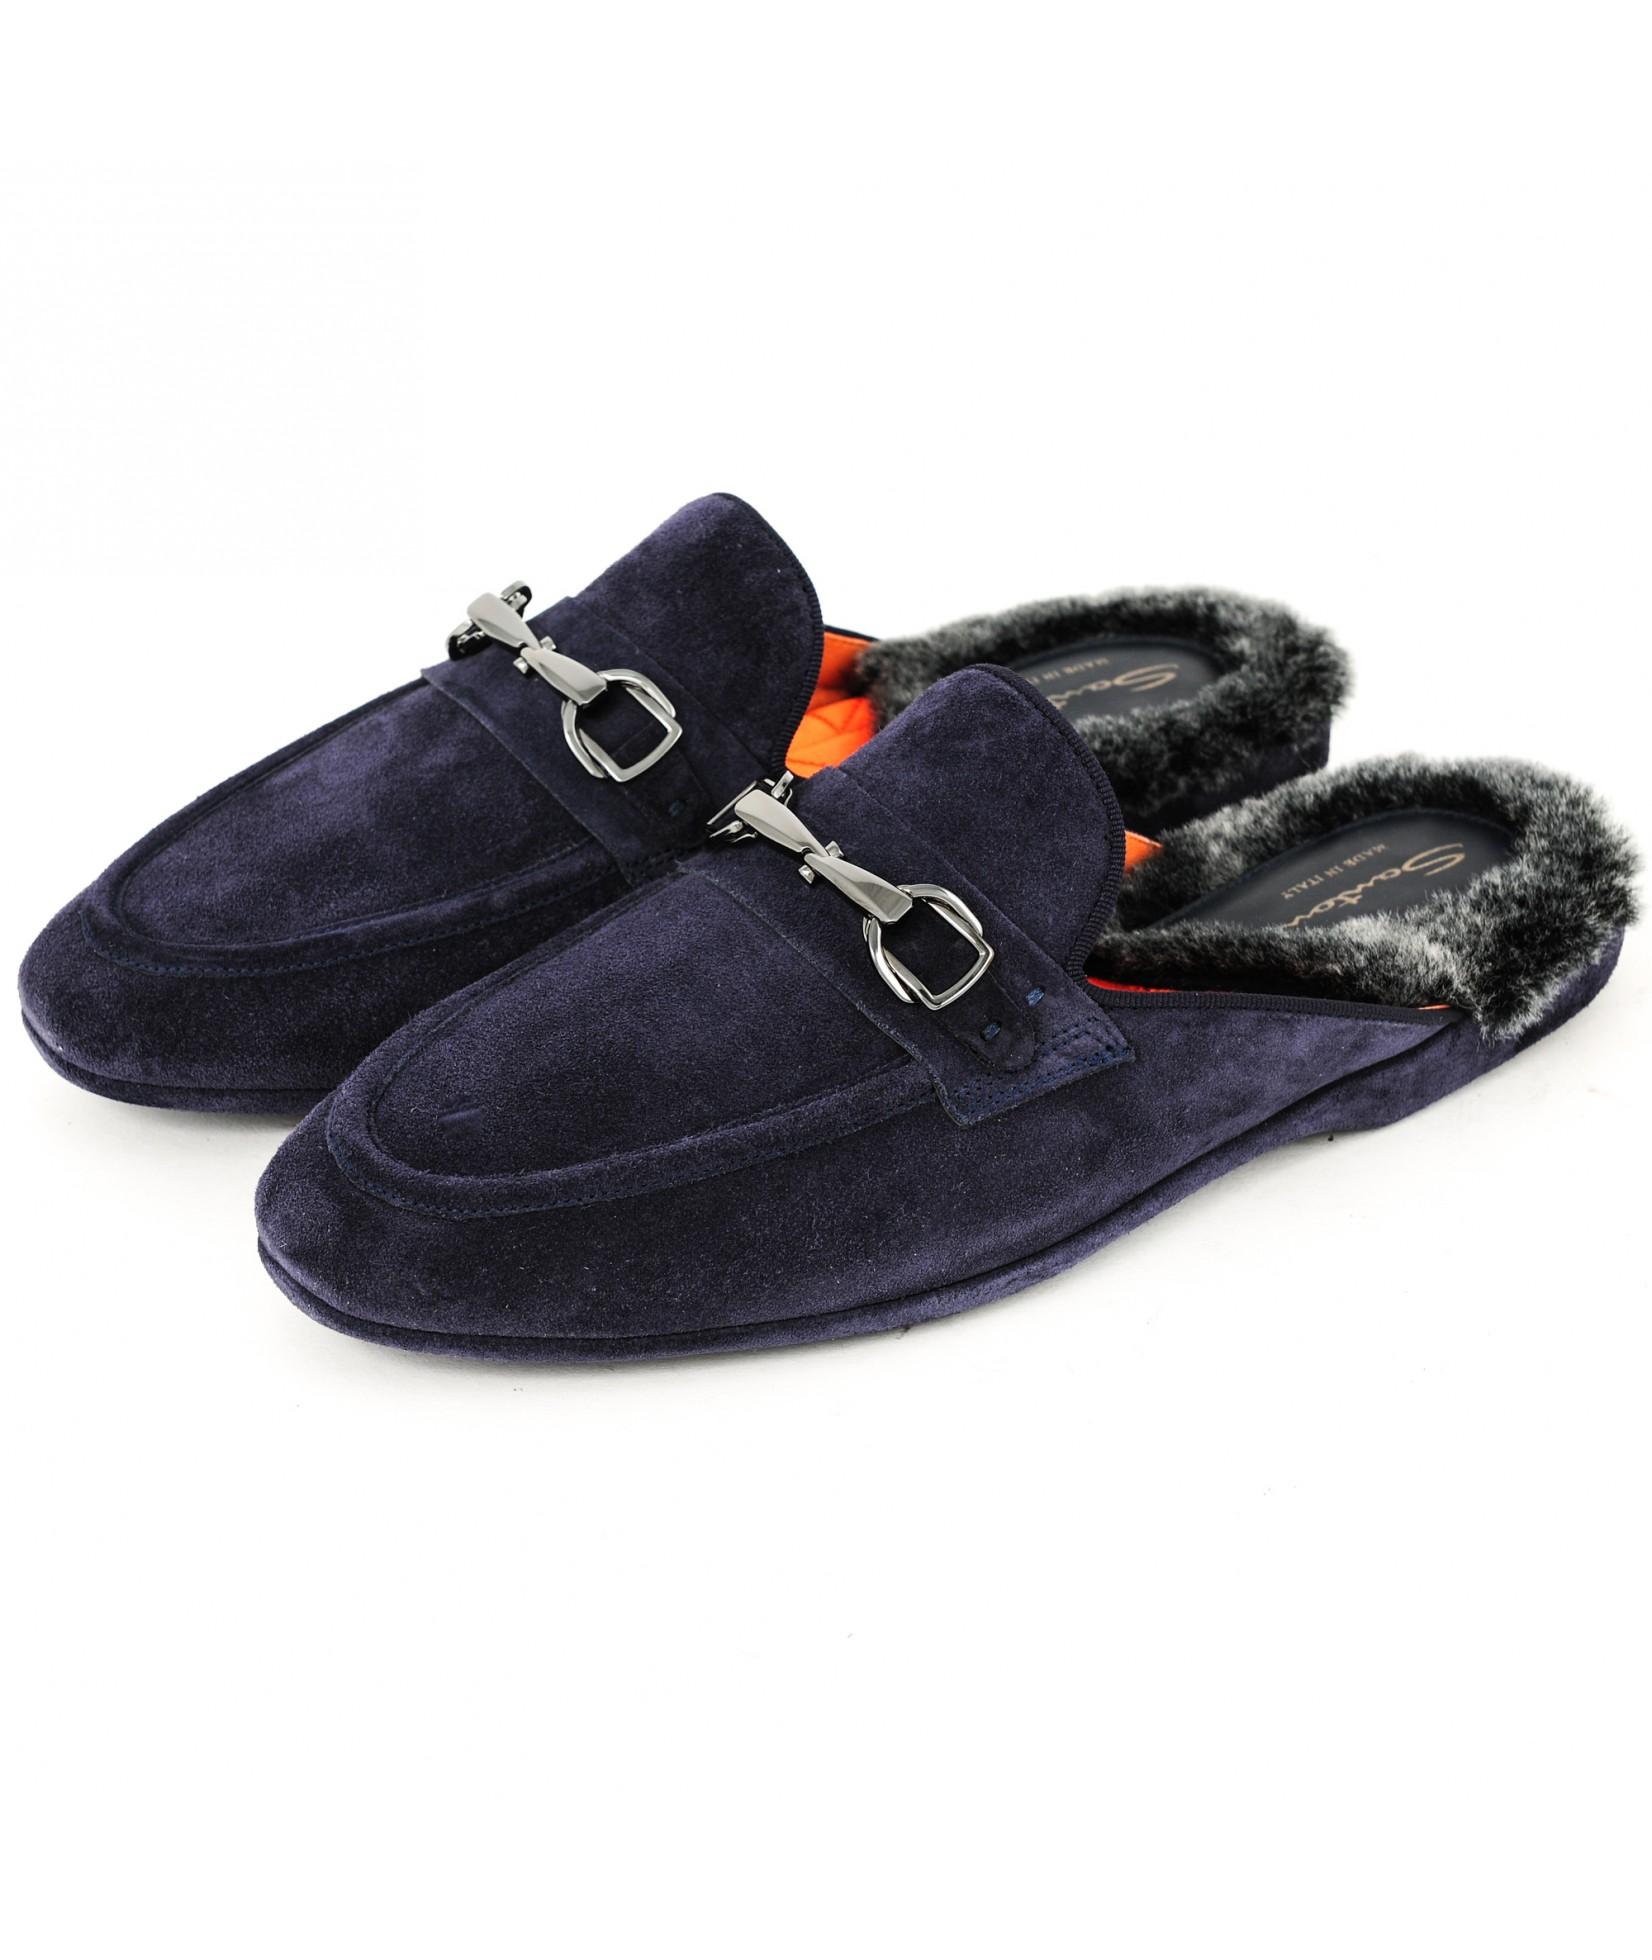 Santoni Pantofola Blue (31677)